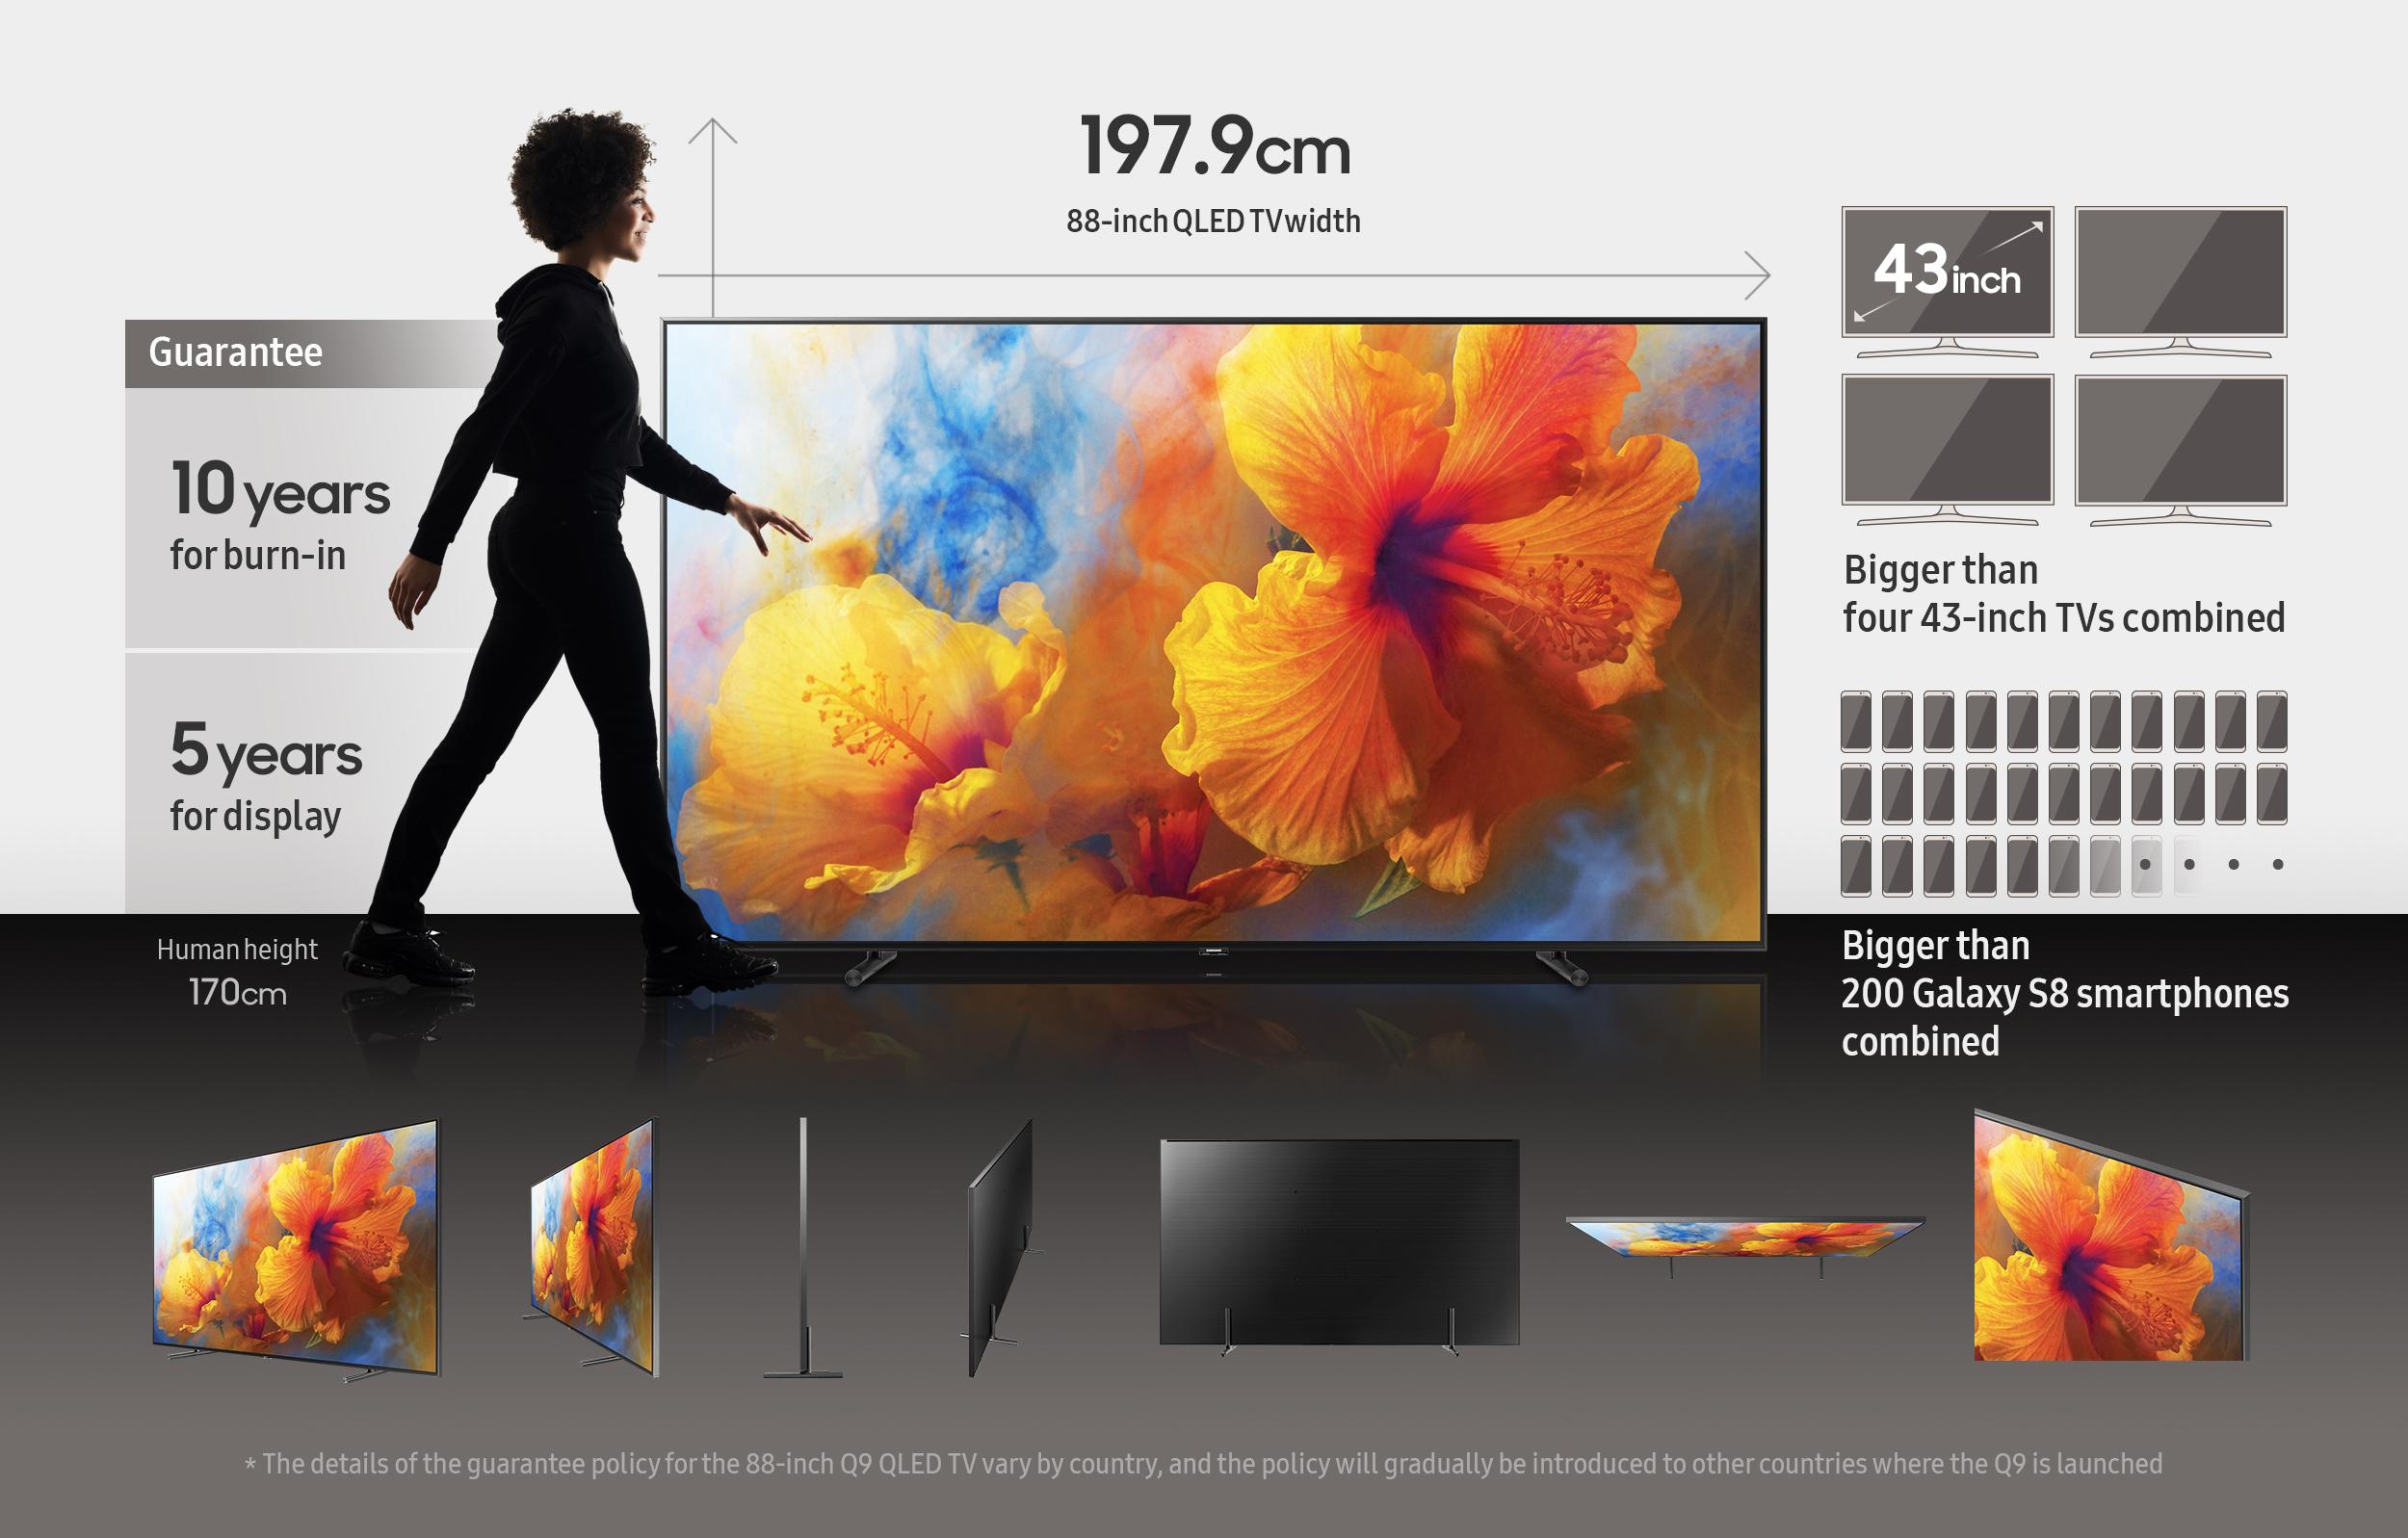 how big is samsung s 88 inch ultra large qled tv samsung global newsroom. Black Bedroom Furniture Sets. Home Design Ideas